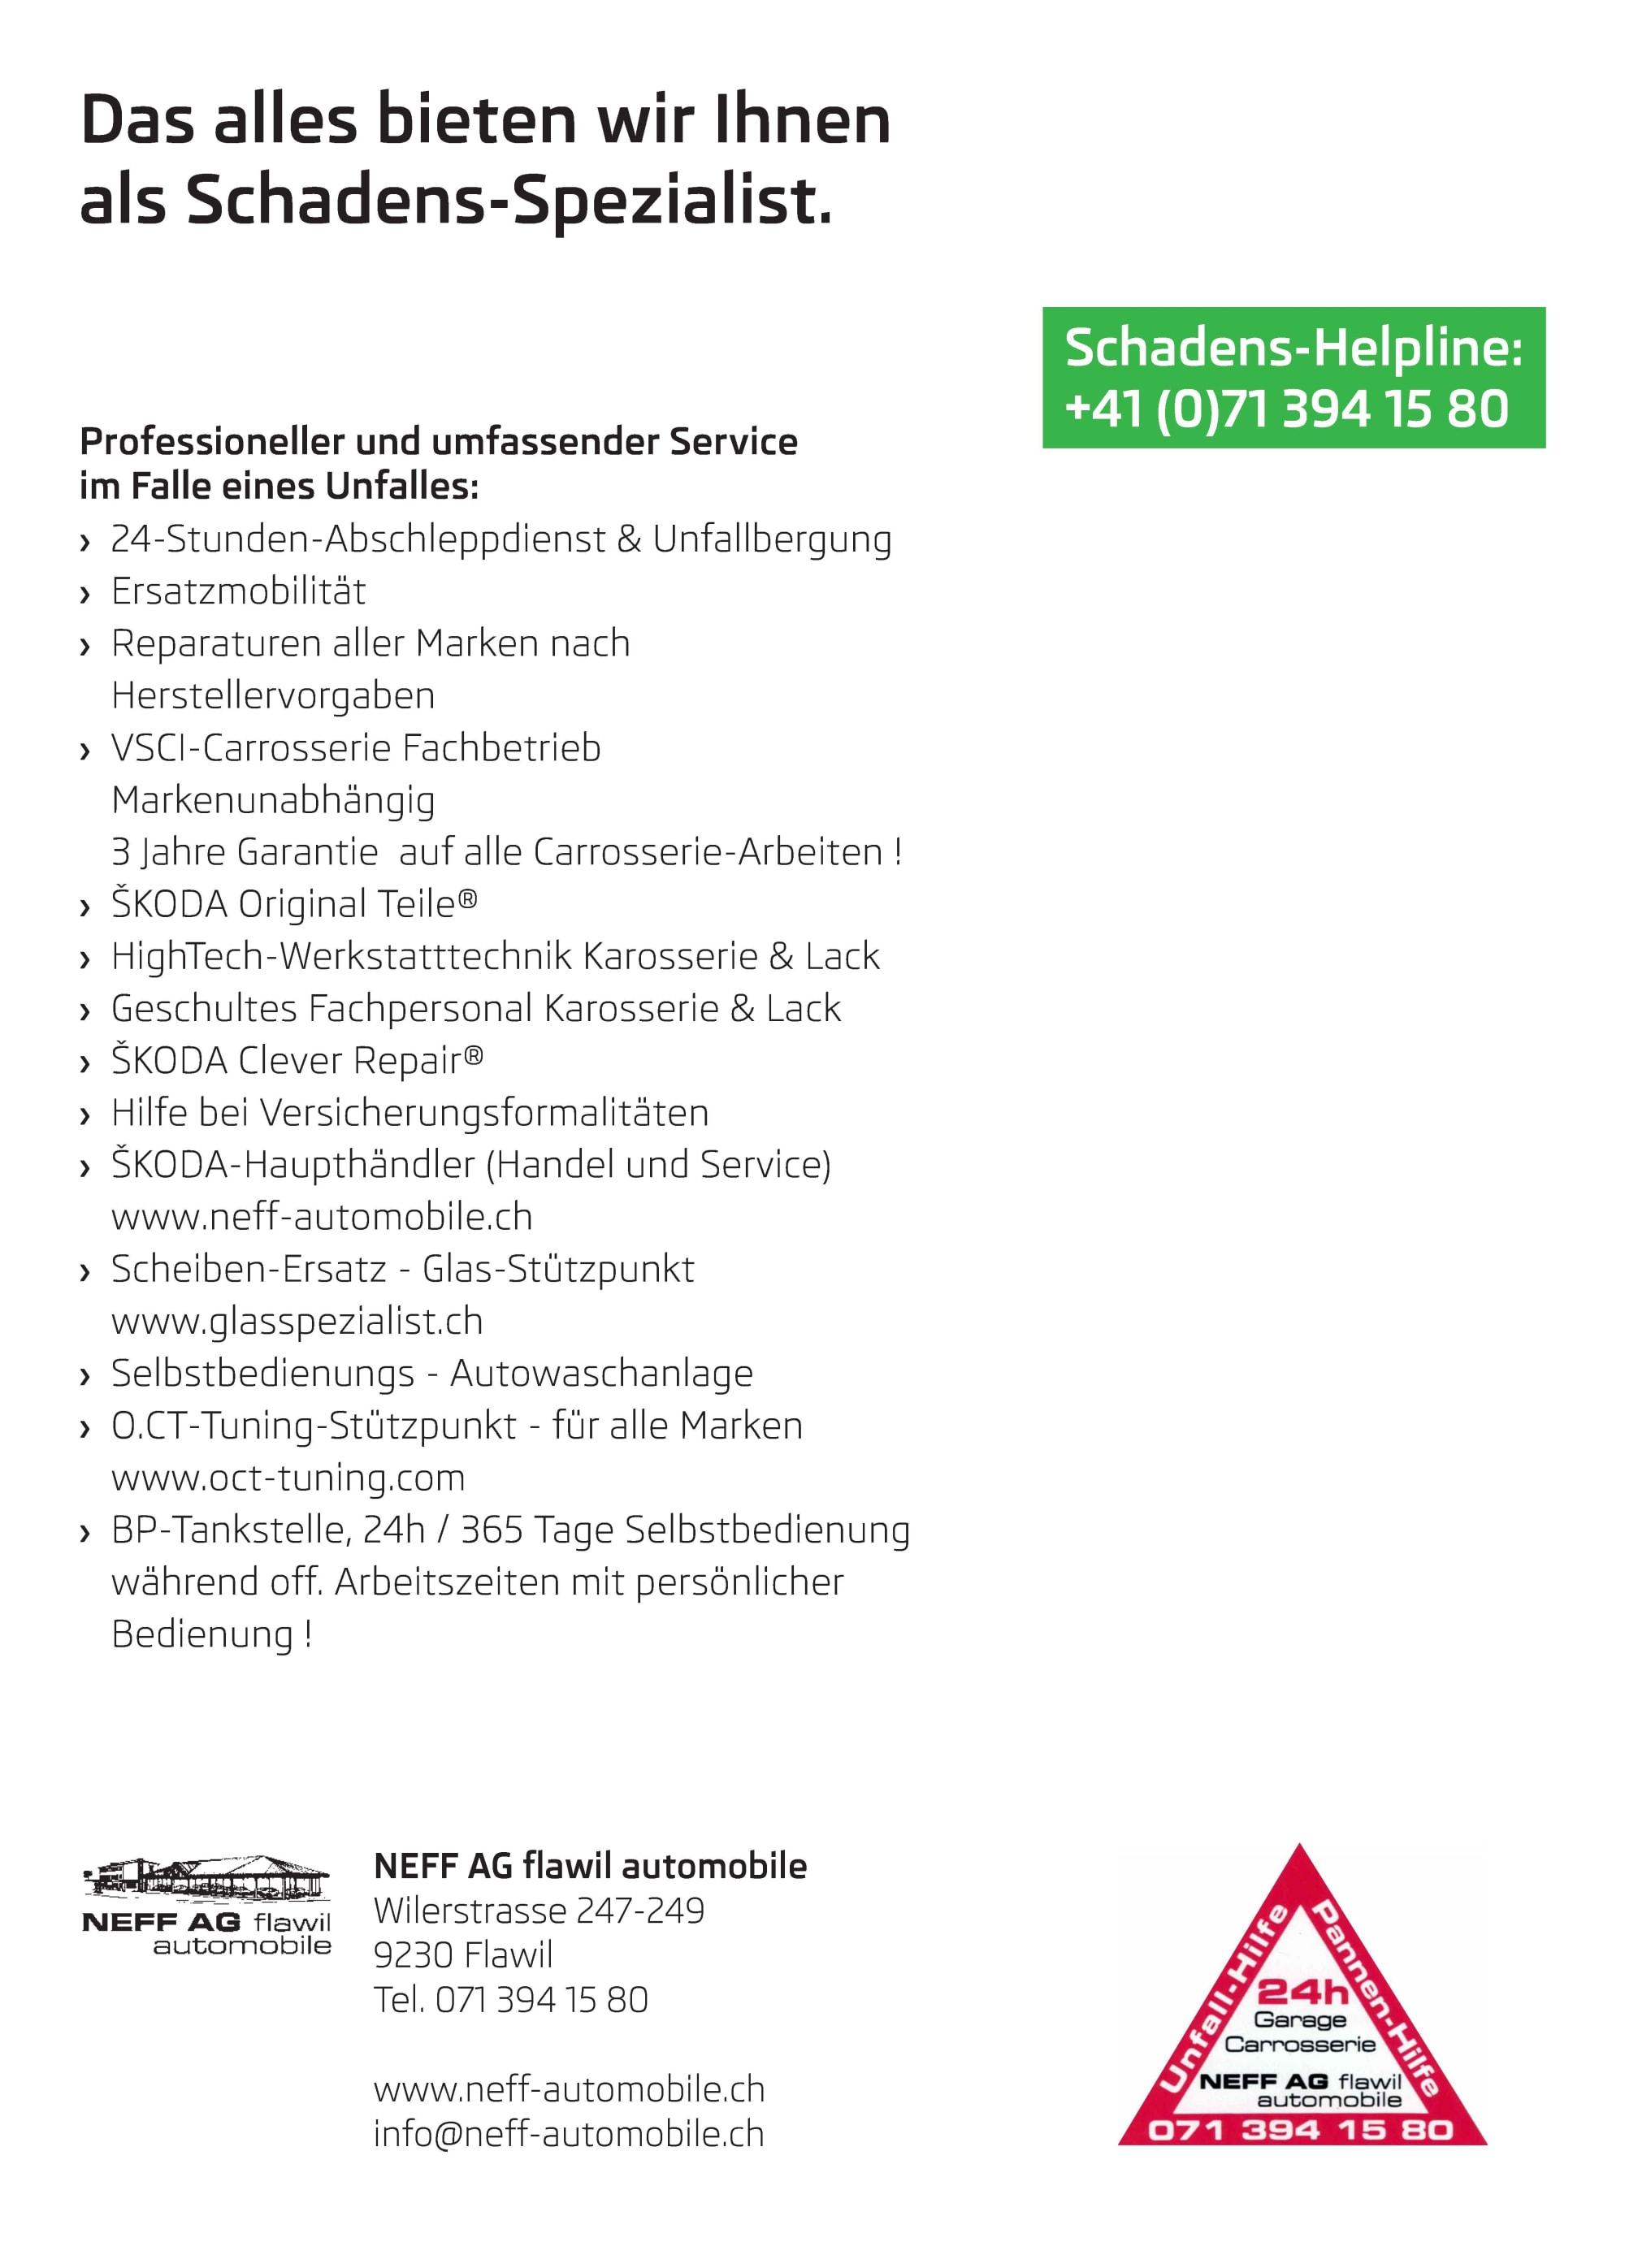 Pannen- und Unfallmanagement NEFF AG Webseite_Seite_5